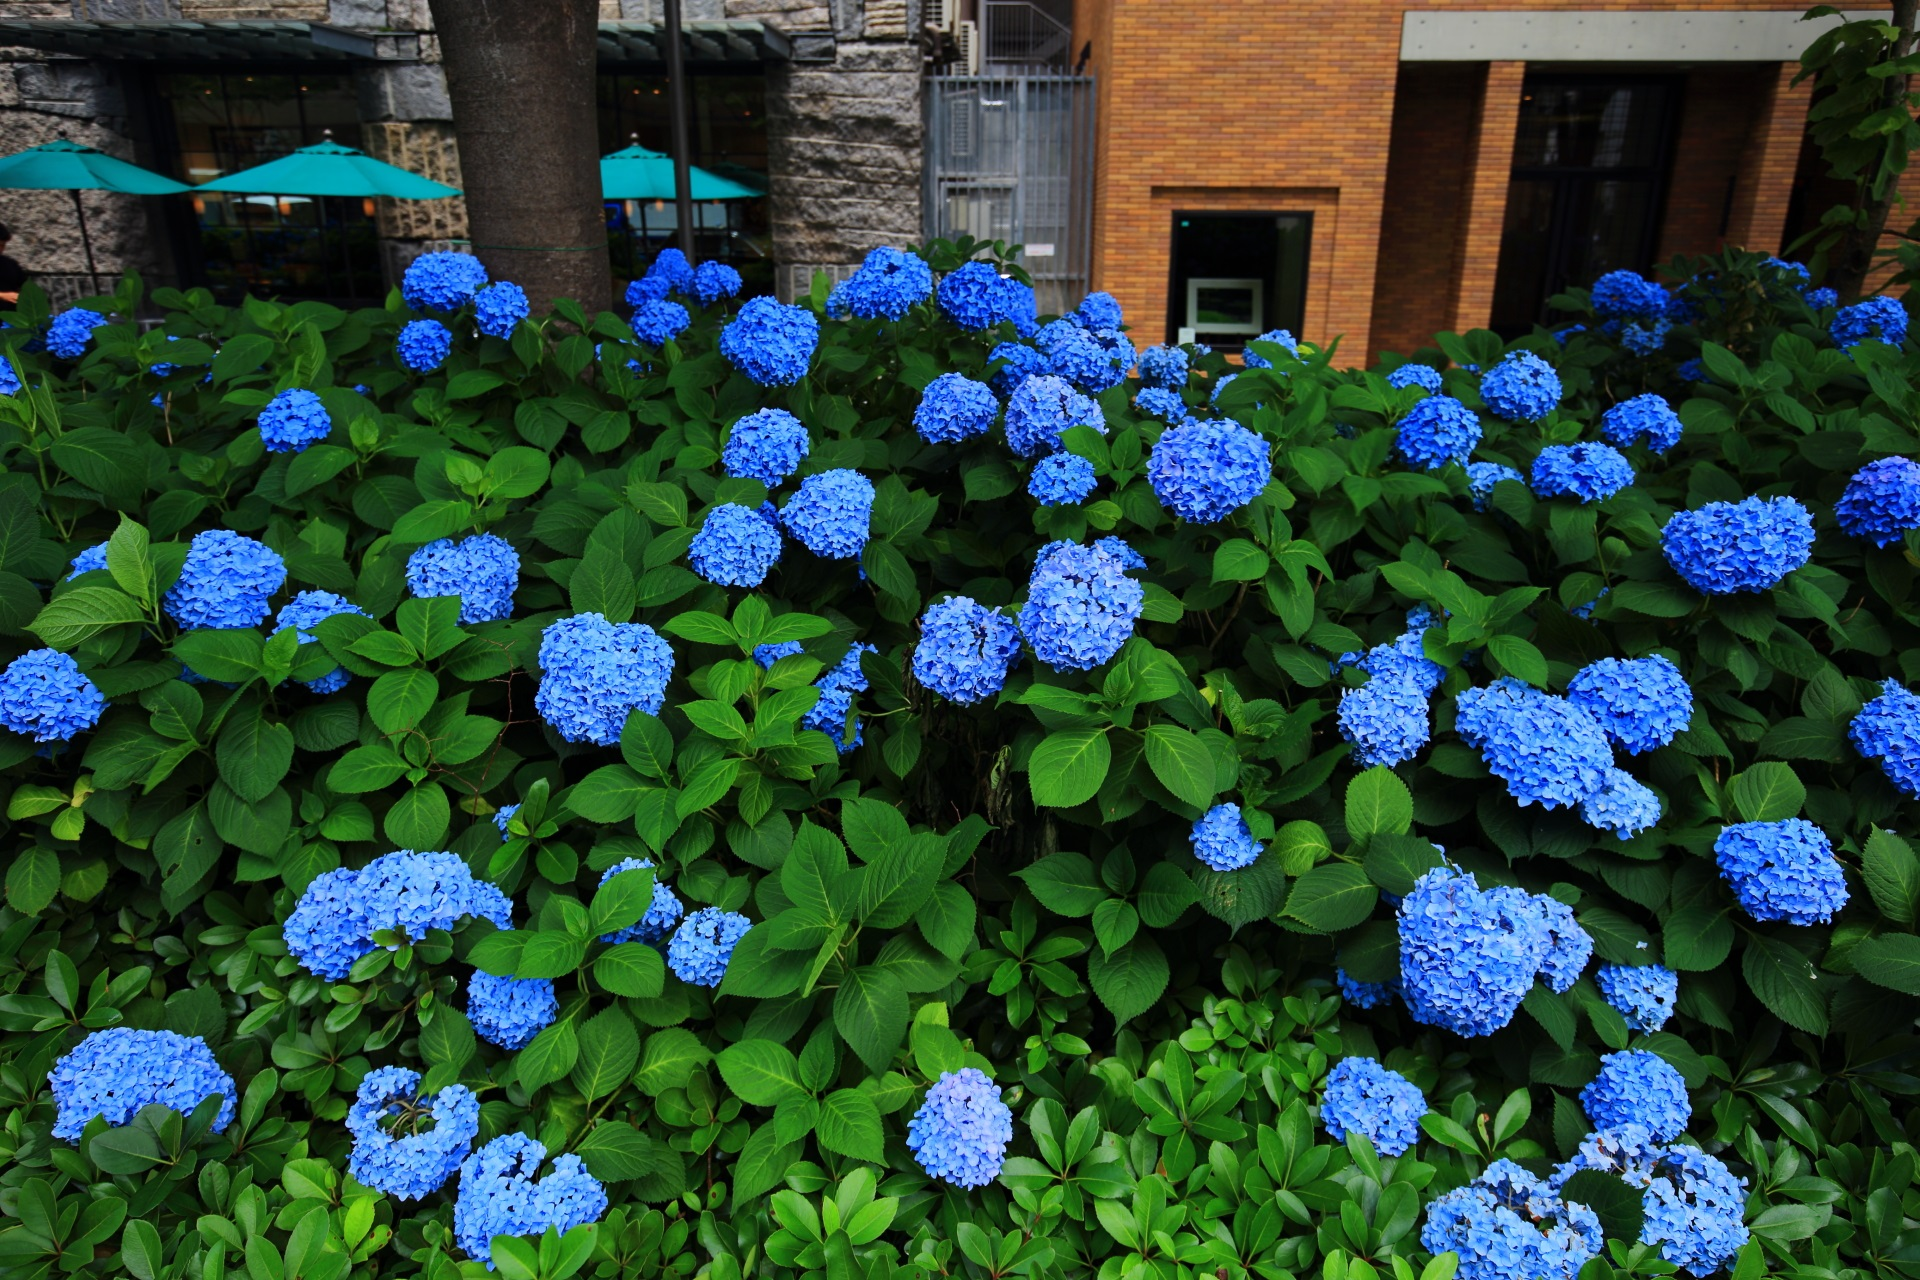 深い緑の上で揺らめく鮮やかなブルーの紫陽花